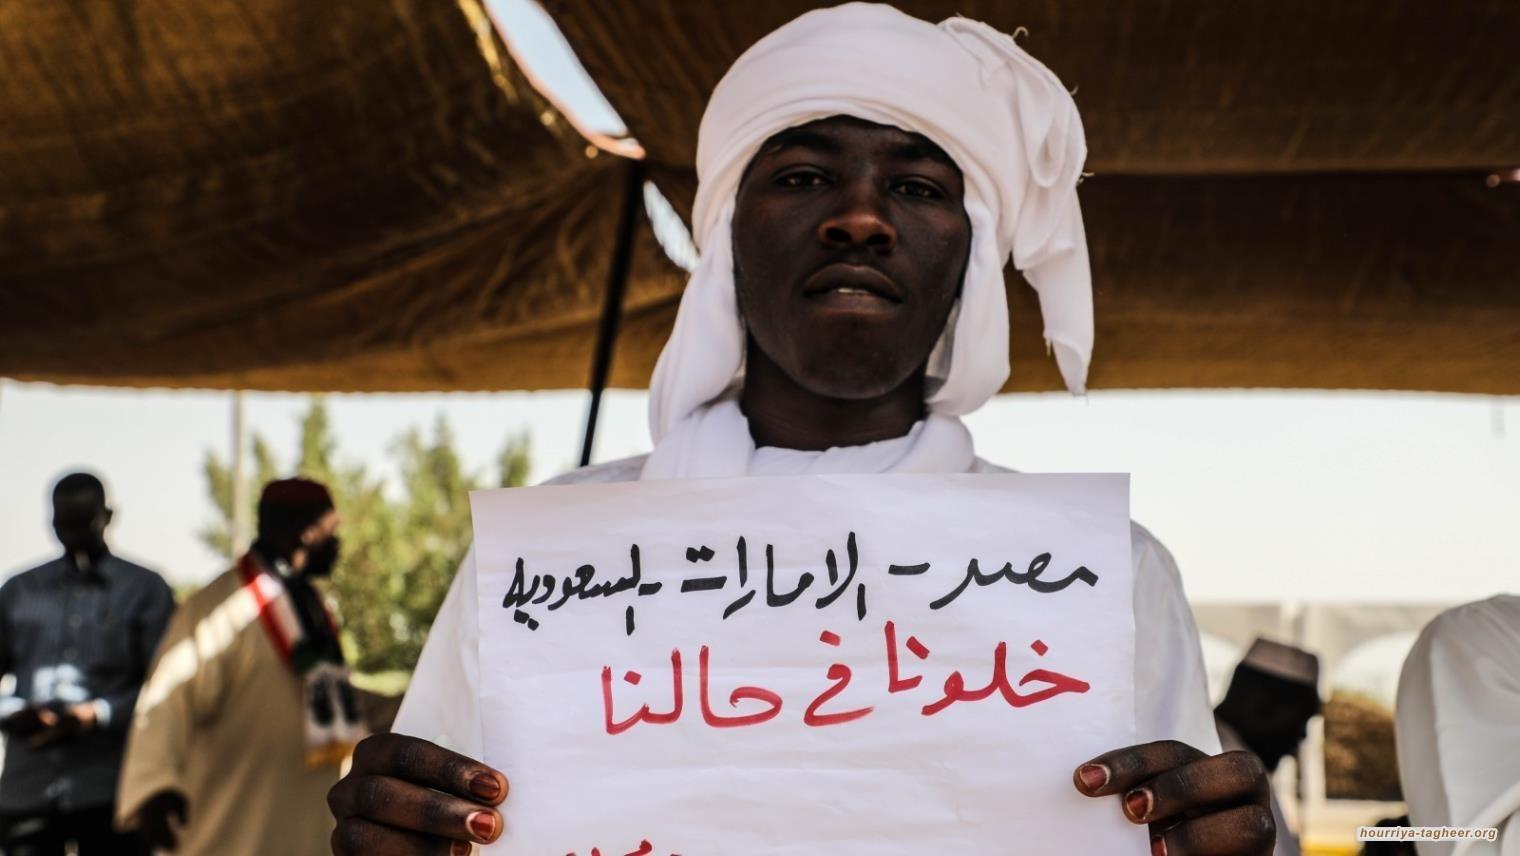 السعودية تدمر اللحظة الديمقراطية في السودان